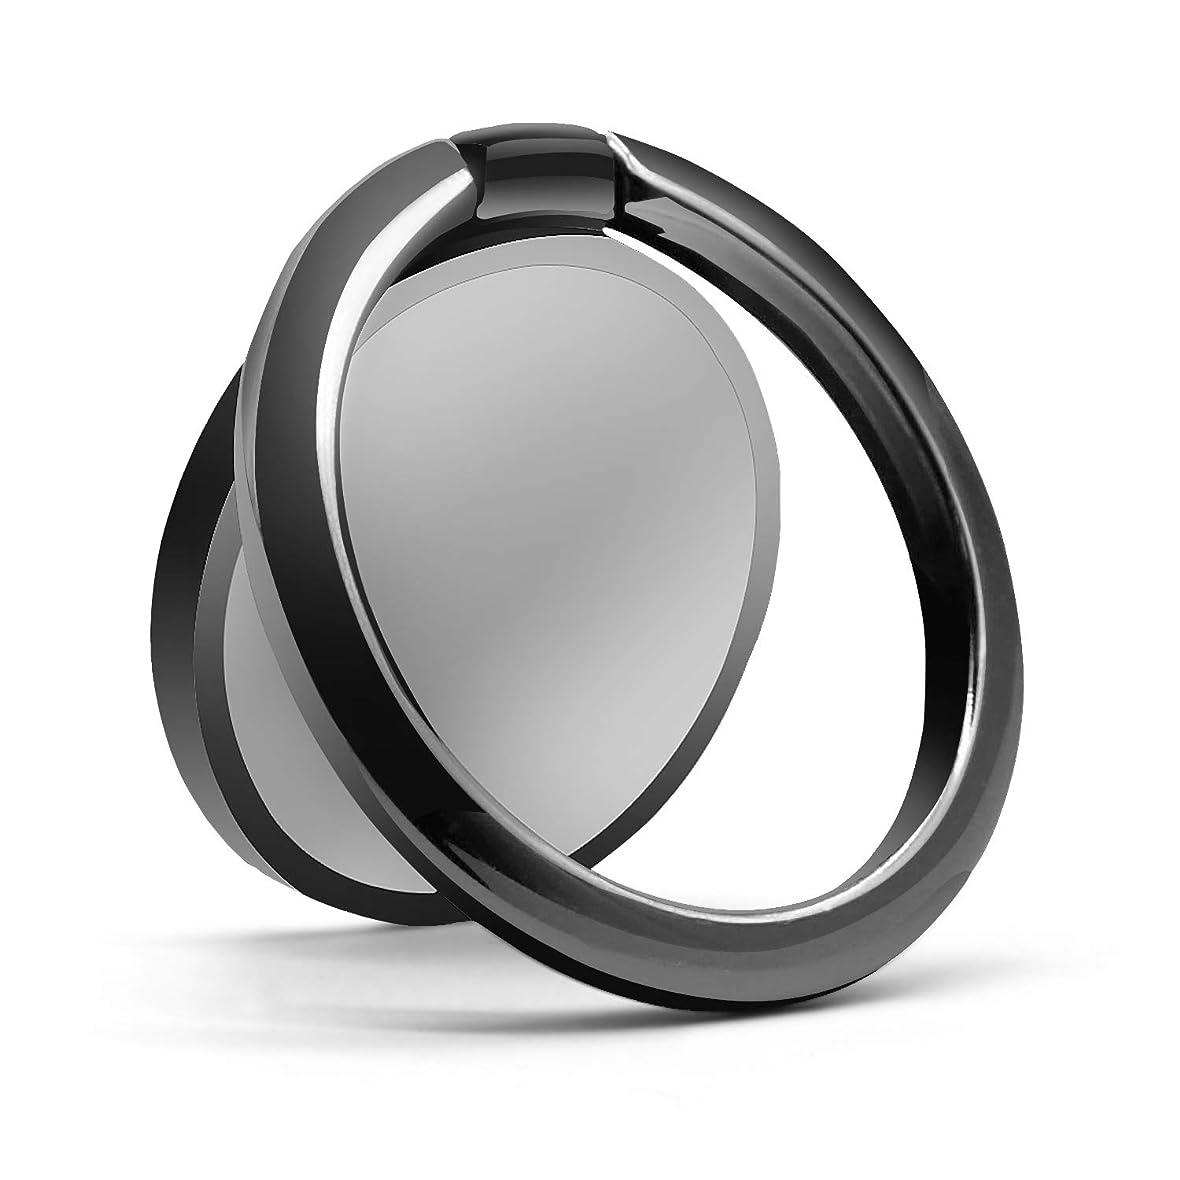 測定可能生産性名前スマホリング バンカーリング 3㎜薄型 ホールドリング 携帯リング 落下防止 車載ホルダー 360°回転 全機種対応 スマホスタンドリング iPhone Xperia Galaxy ARROWS HUAWEI